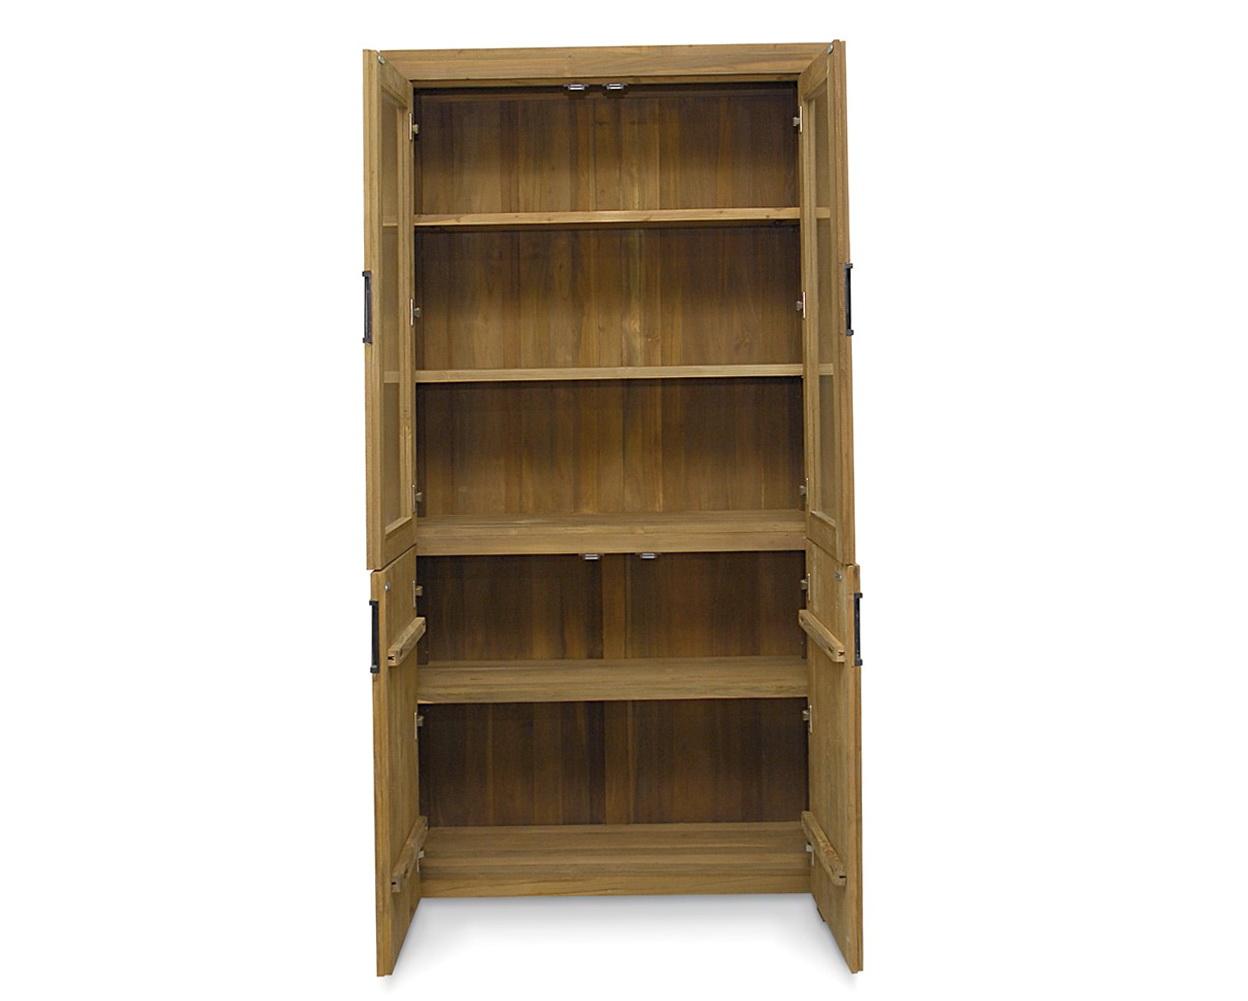 Teak Bookshelves For Sale